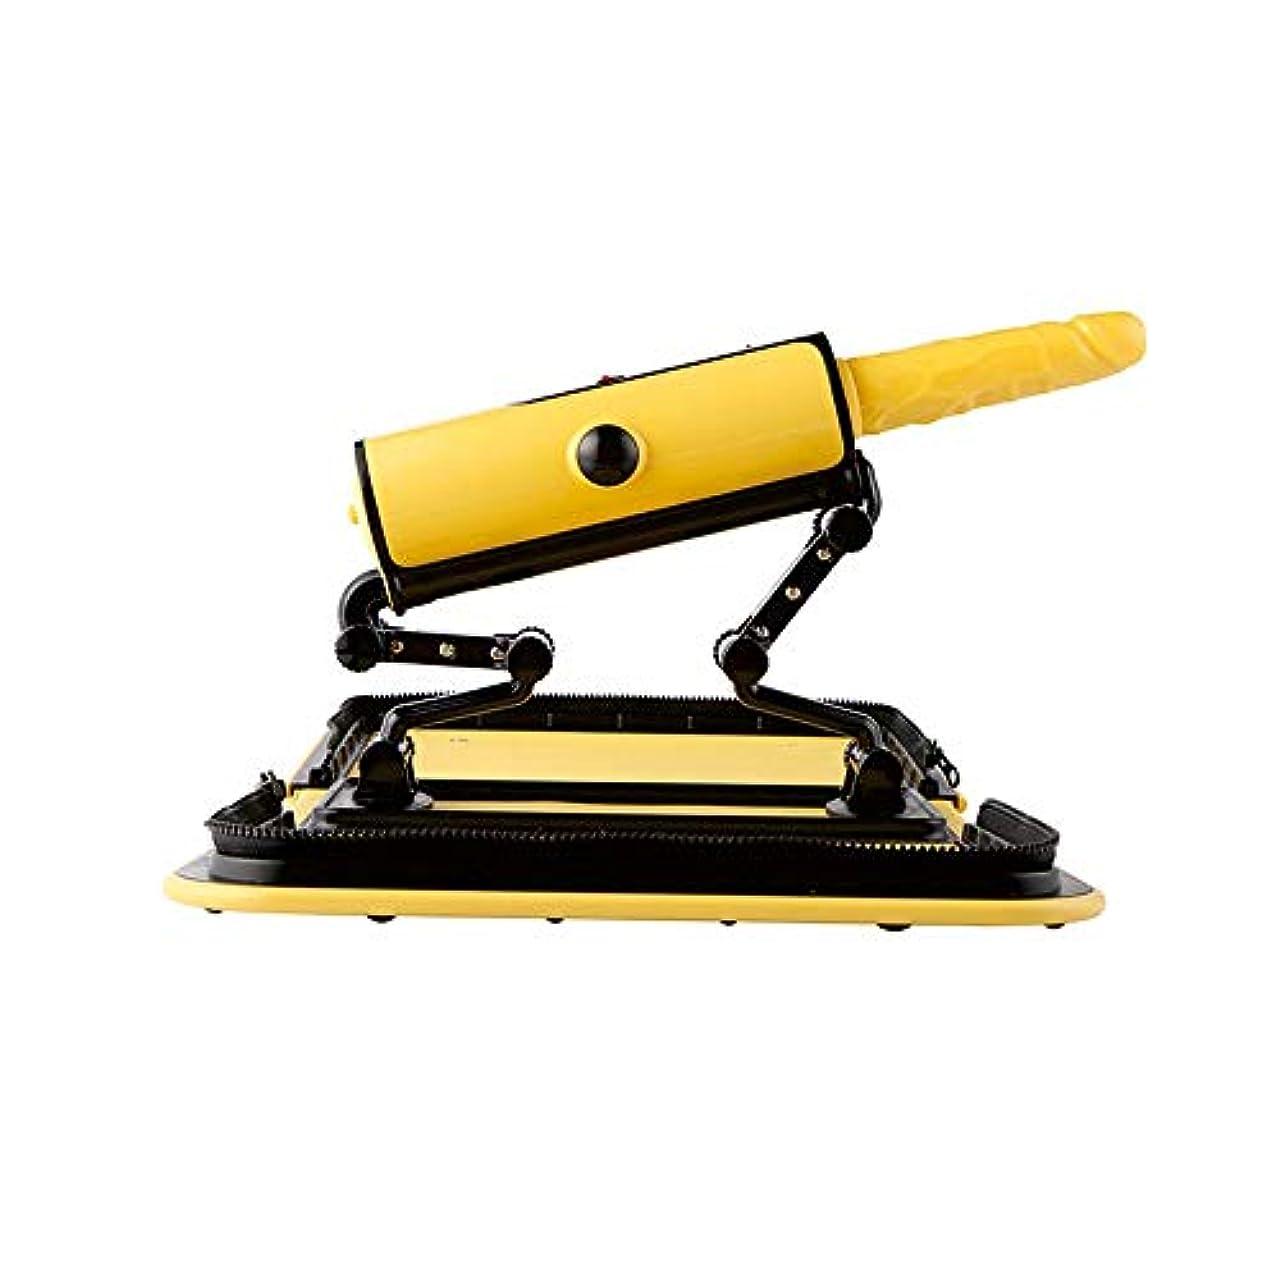 放棄摂氏度摂氏KGJJHYBGTOY 完璧なハーネスビジナルカップラブマシン玩具での自動機オナニー RELAX MASSAGE BODY